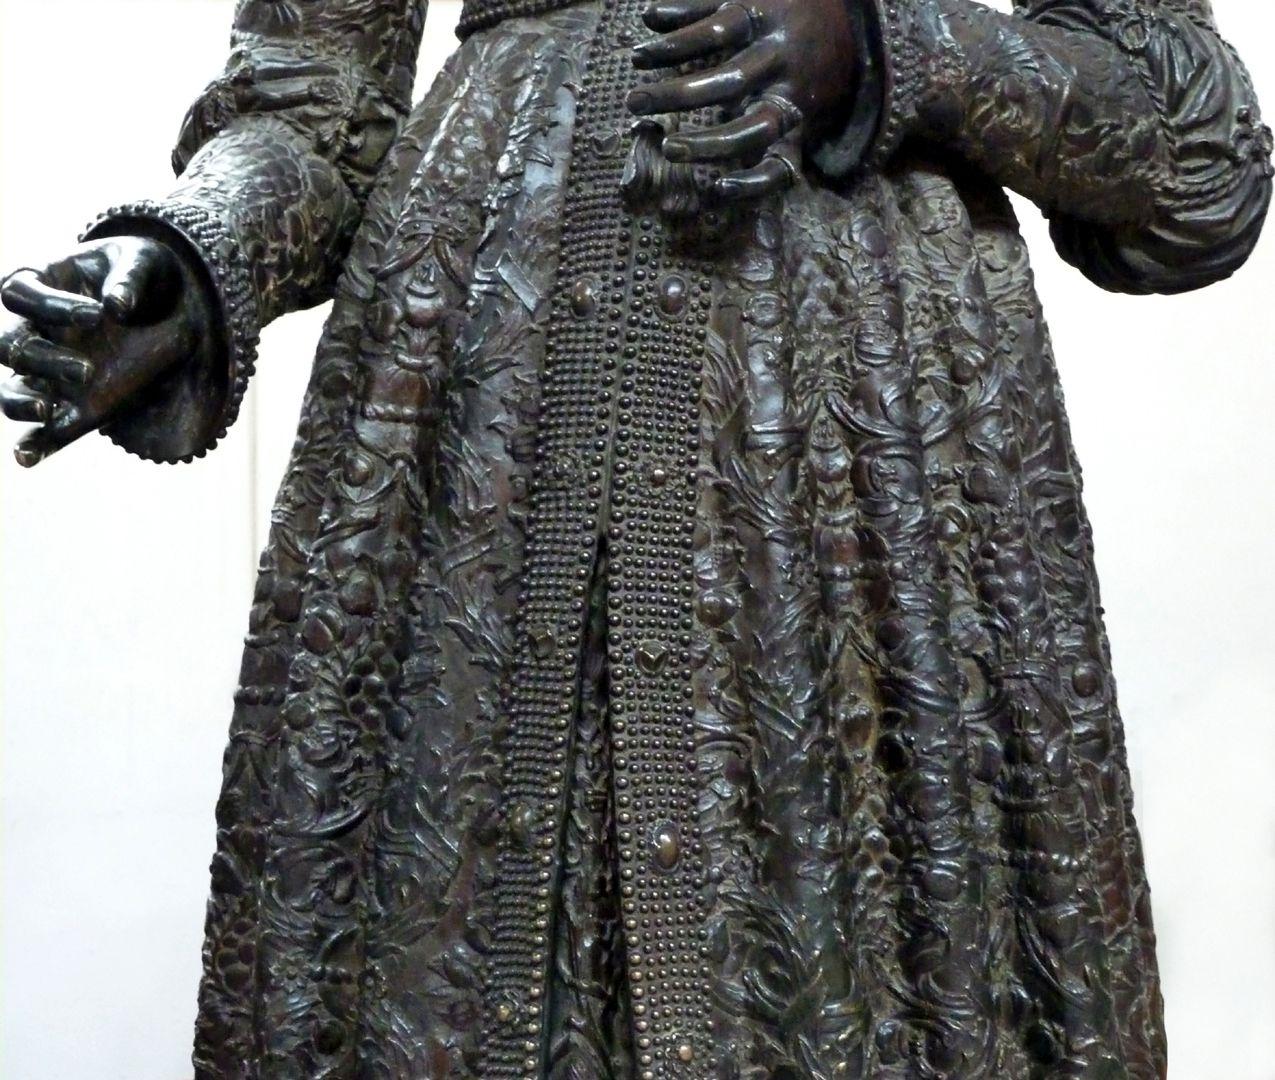 Empress Bianca Maria Sforza (Innsbruck) Garment, detail, front view